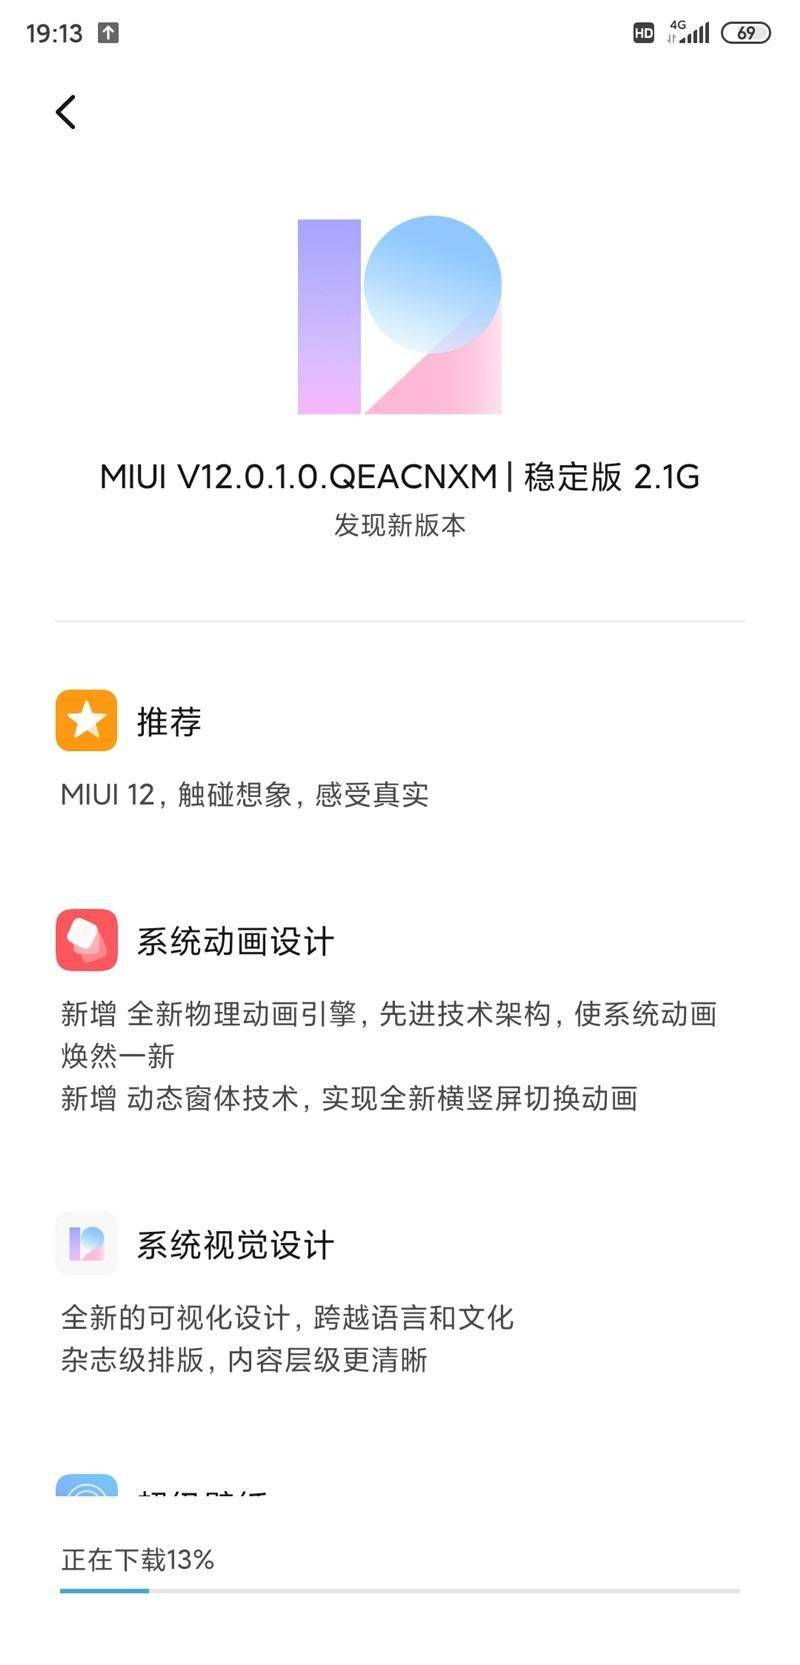 张雯个人资料小米8标准版已发布MIUI 12稳